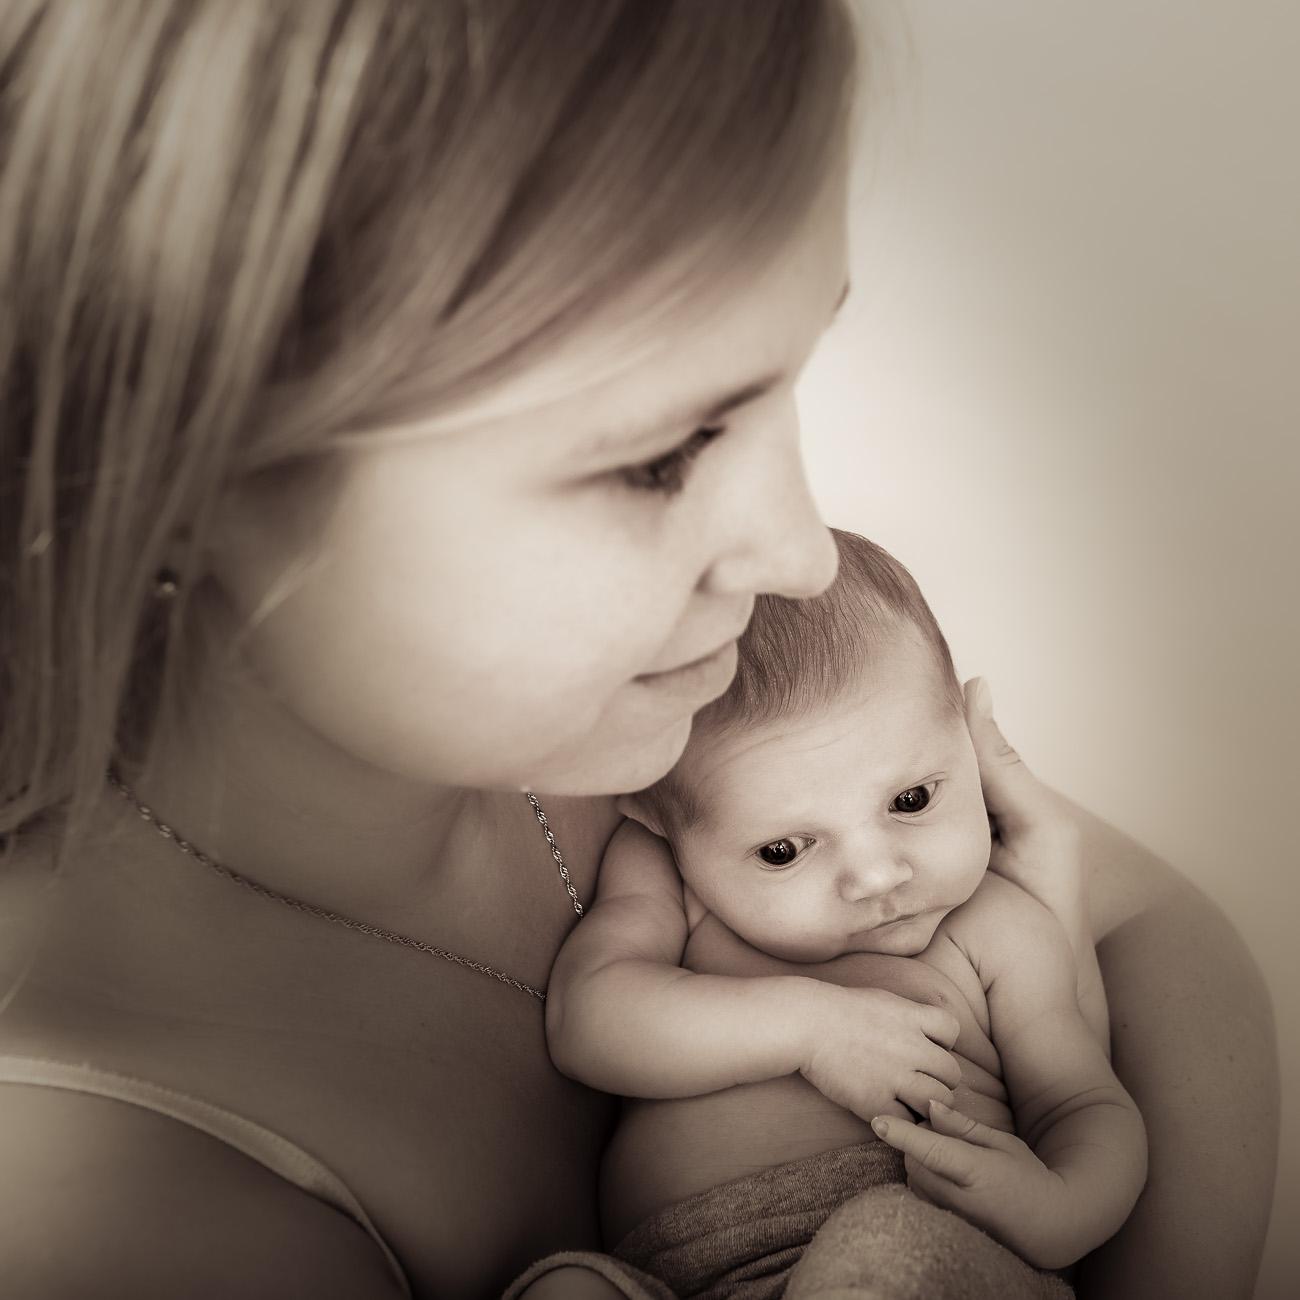 Traumkind Fotos Newbornshooting Essen 4 - Babyfotos